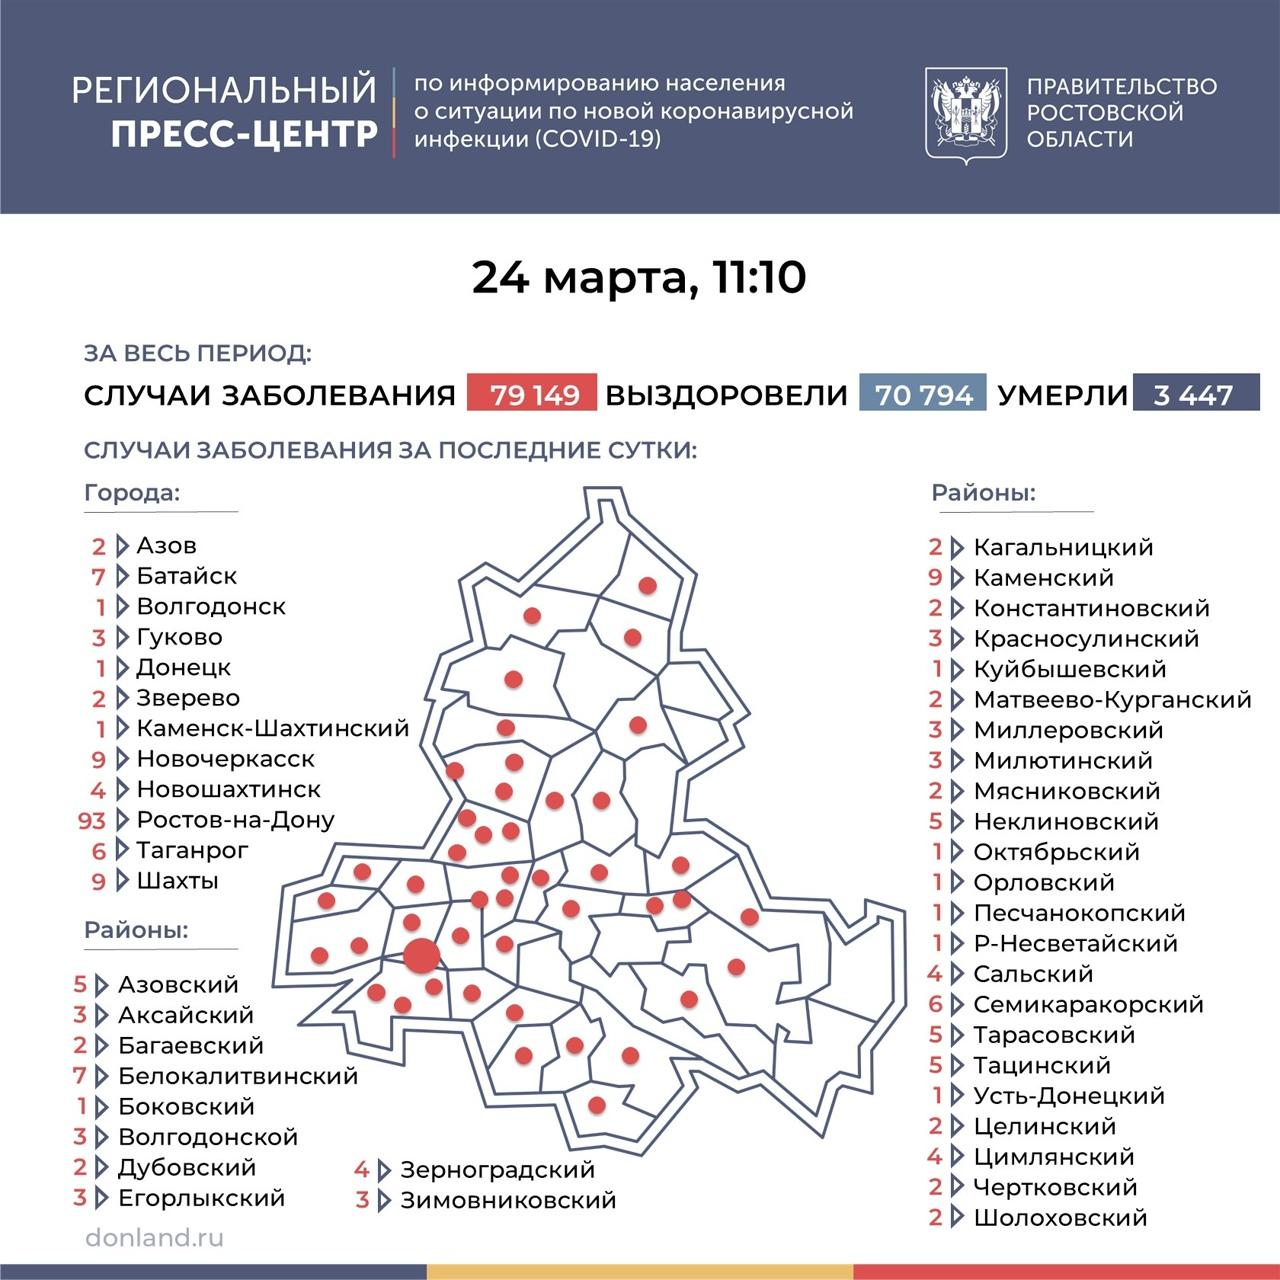 На Дону число инфицированных COVID-19 составляет 238, в Таганроге 6 новых случаев